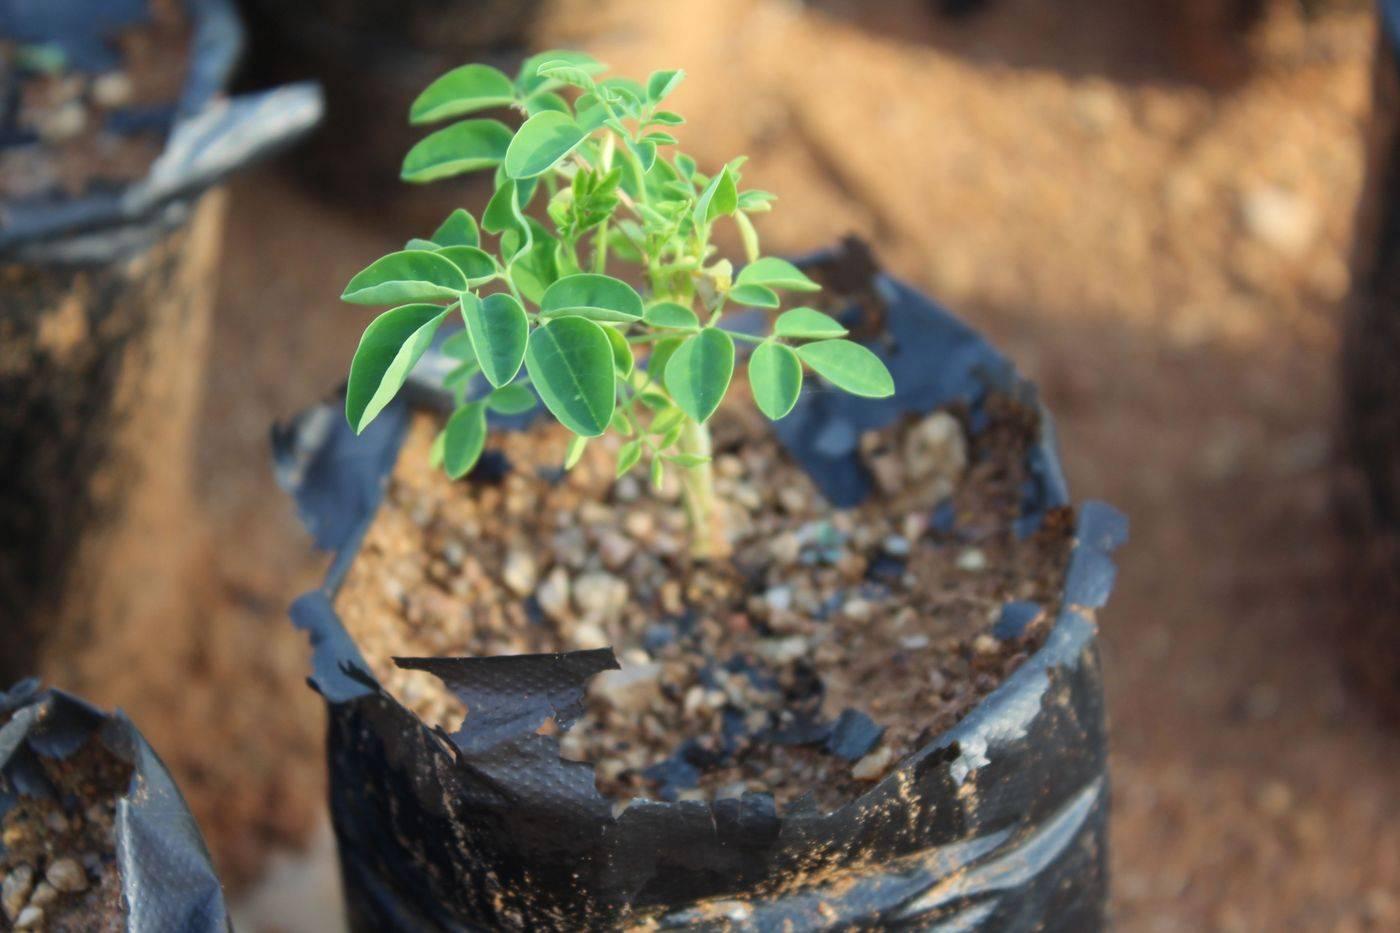 کاشت درخت مورینگا بذر